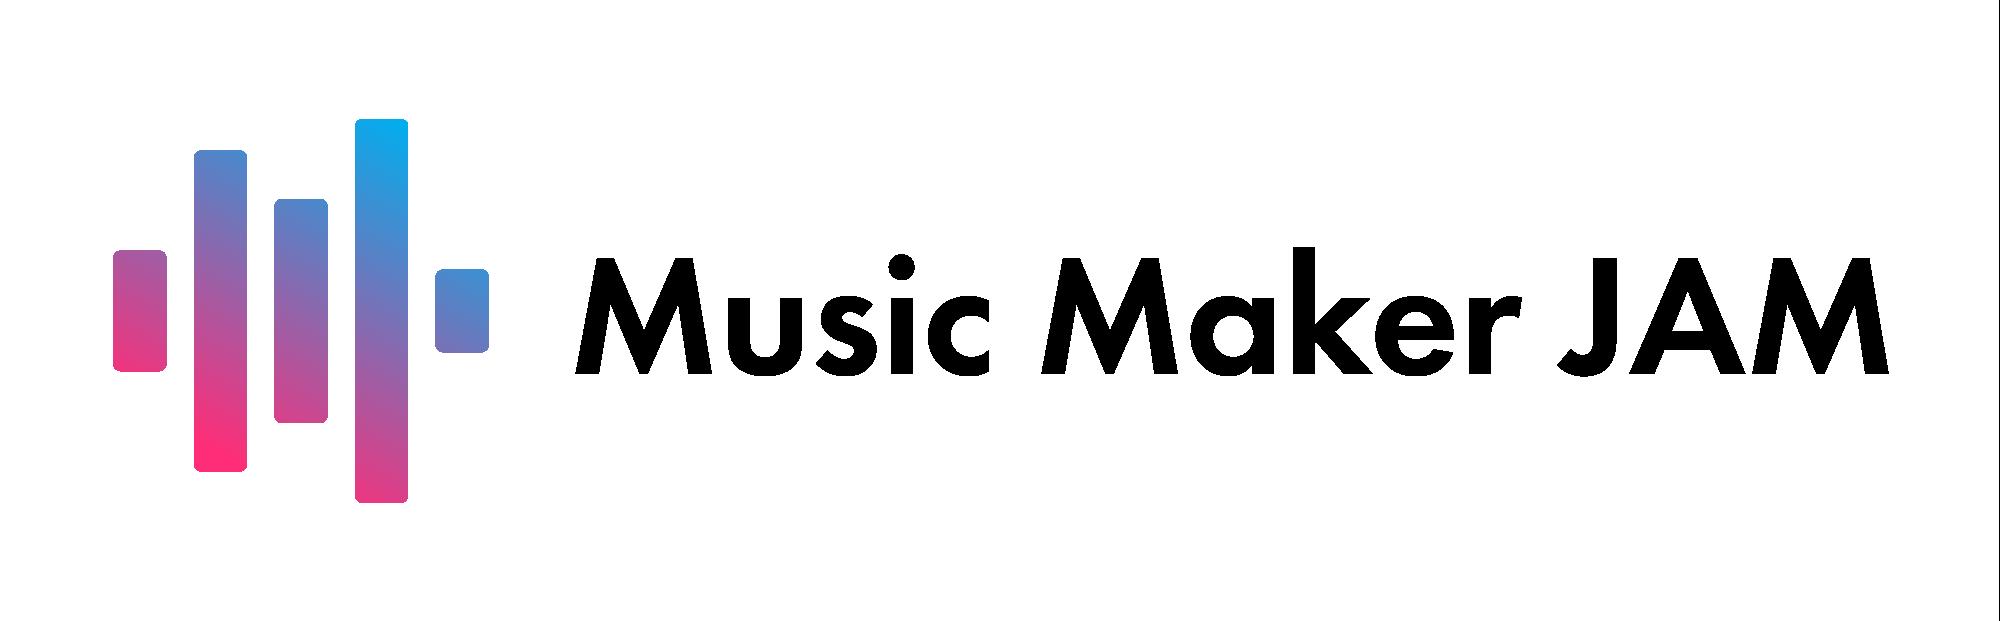 MMJ_logo_color_blk_text